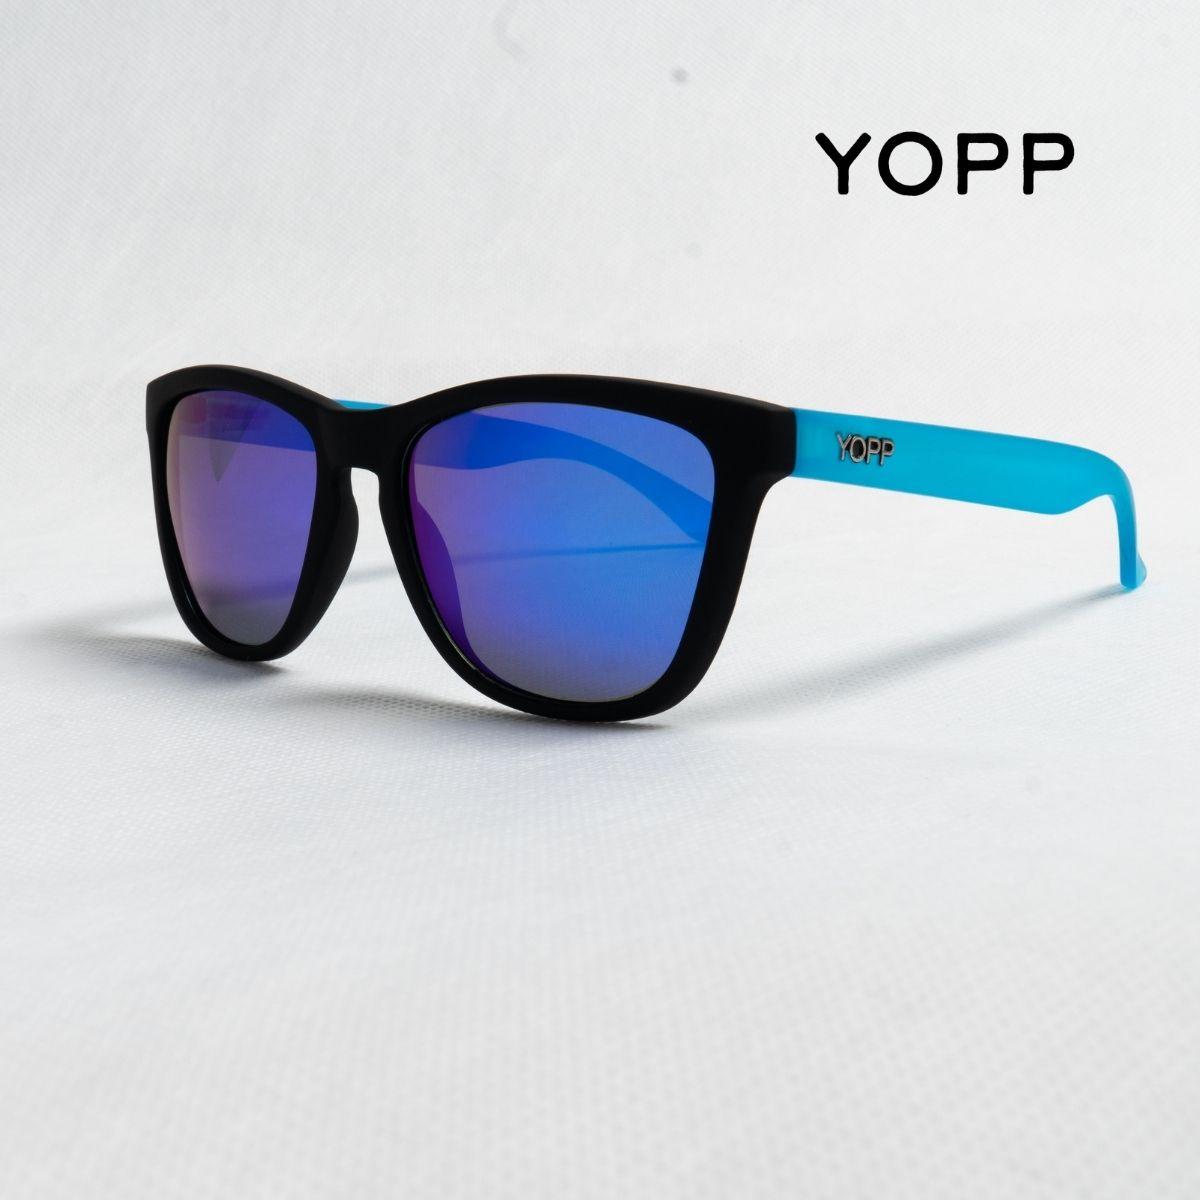 Óculos YOPP FUSCA AZUL  - Vivian Bógus